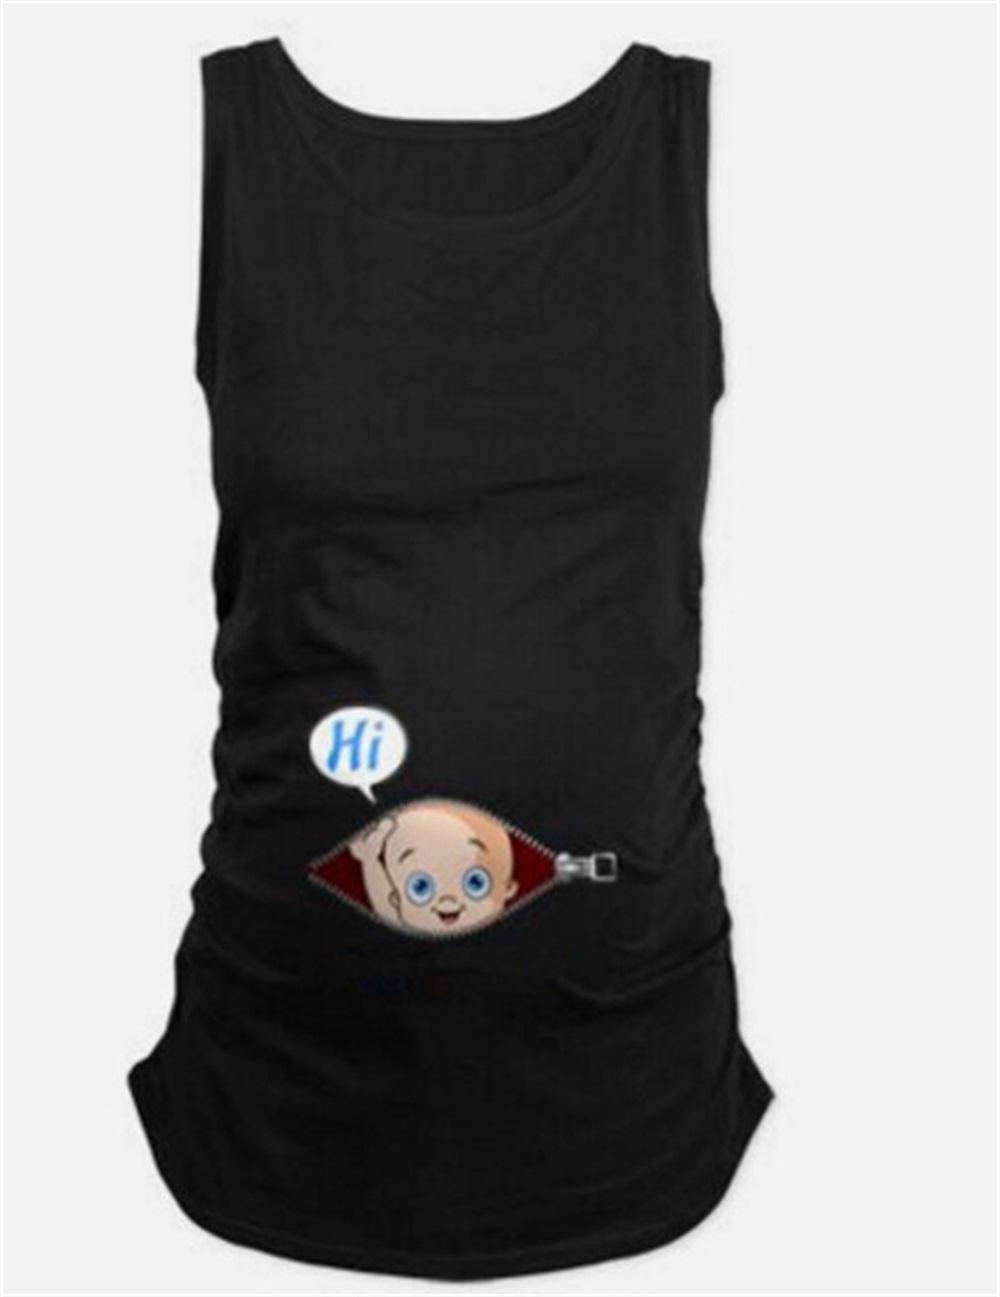 b9f8d8aafd342 EASY BIG Summer Original Pregnant Women T-shirts Maternity Tees ...